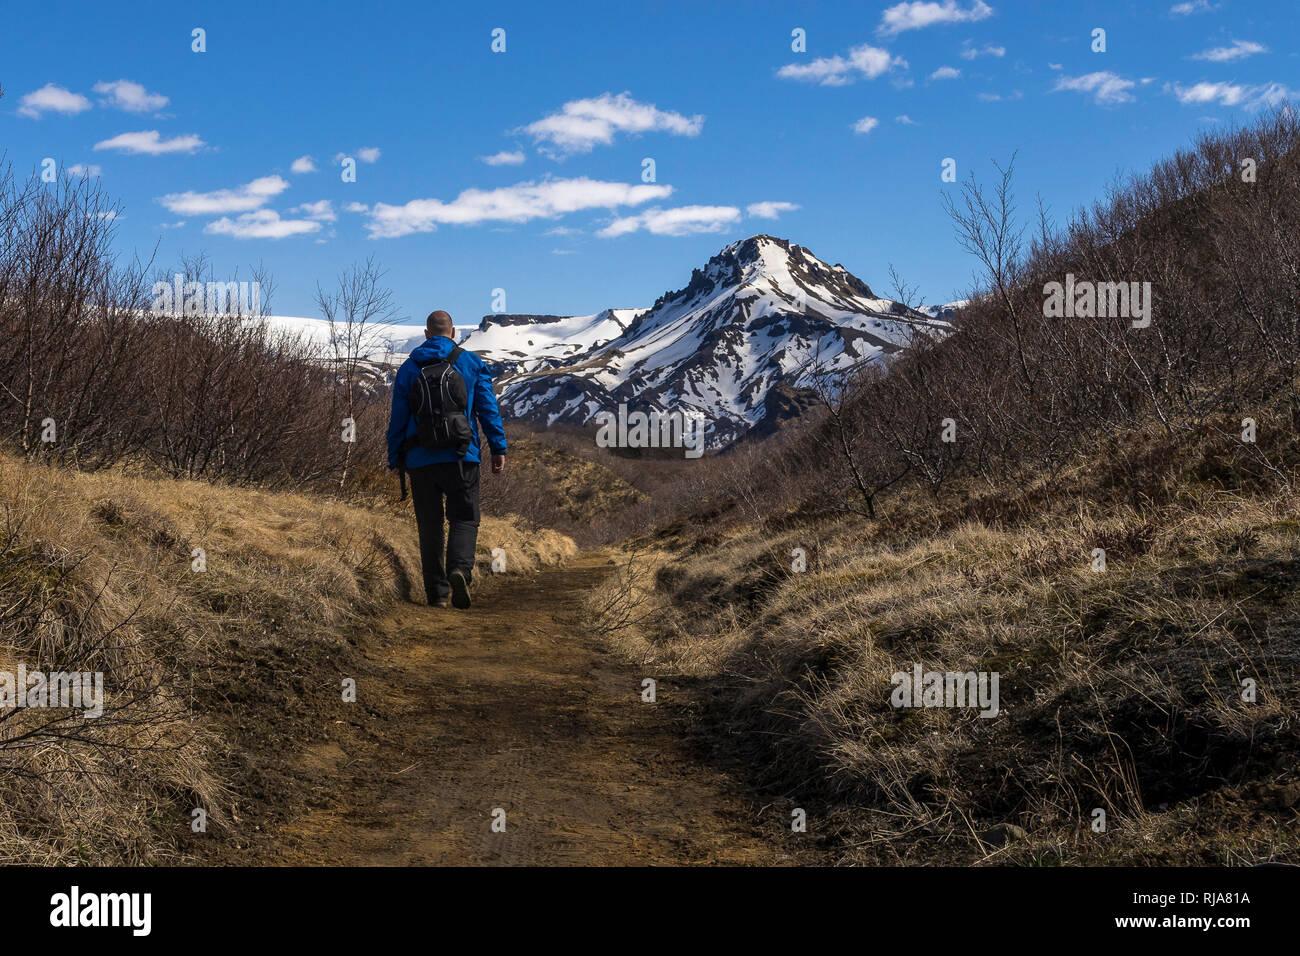 Nordeuropa, Island, Thorsmörk, Wanderer auf dem Laugavegur im isländischen Hochland Thorsmörk - Stock Image